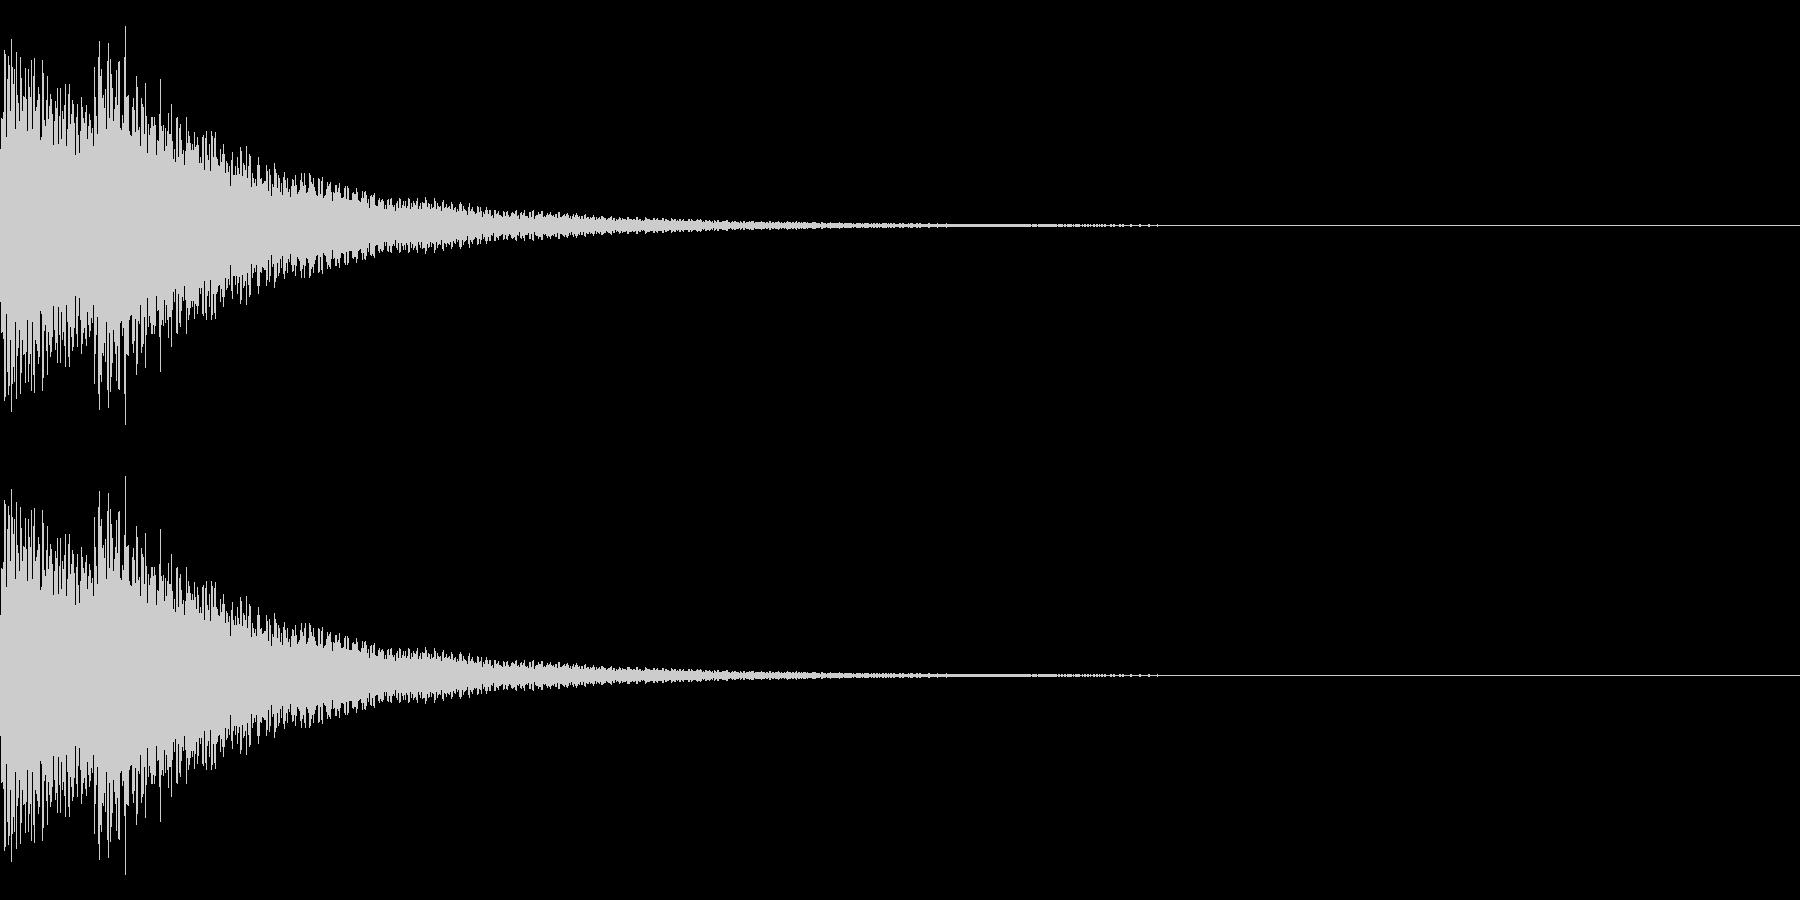 FM音源で作ったベル音の未再生の波形